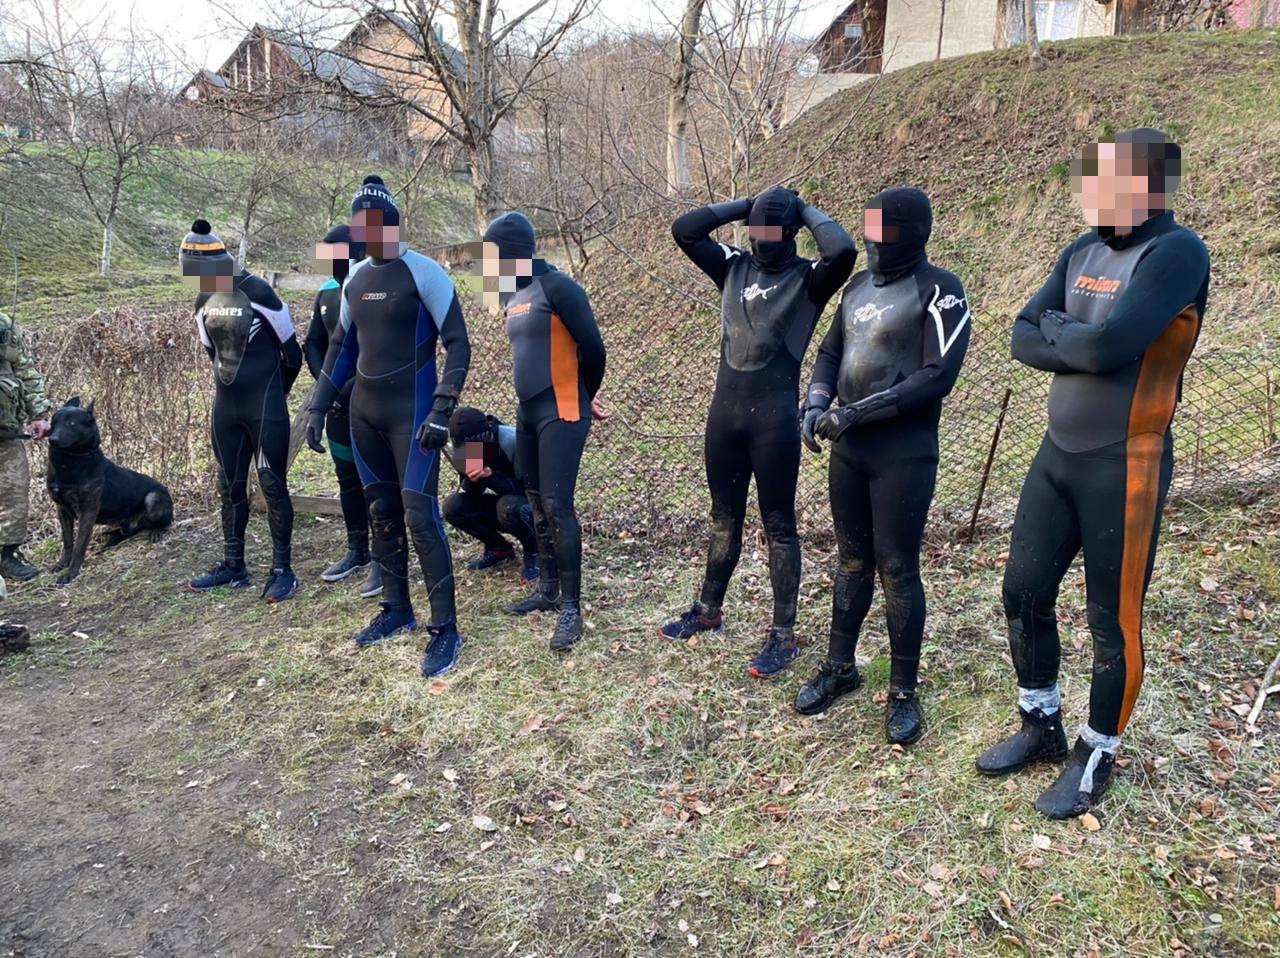 Вісьмох чоловіків у водолазних костюмах затримали на кордоні